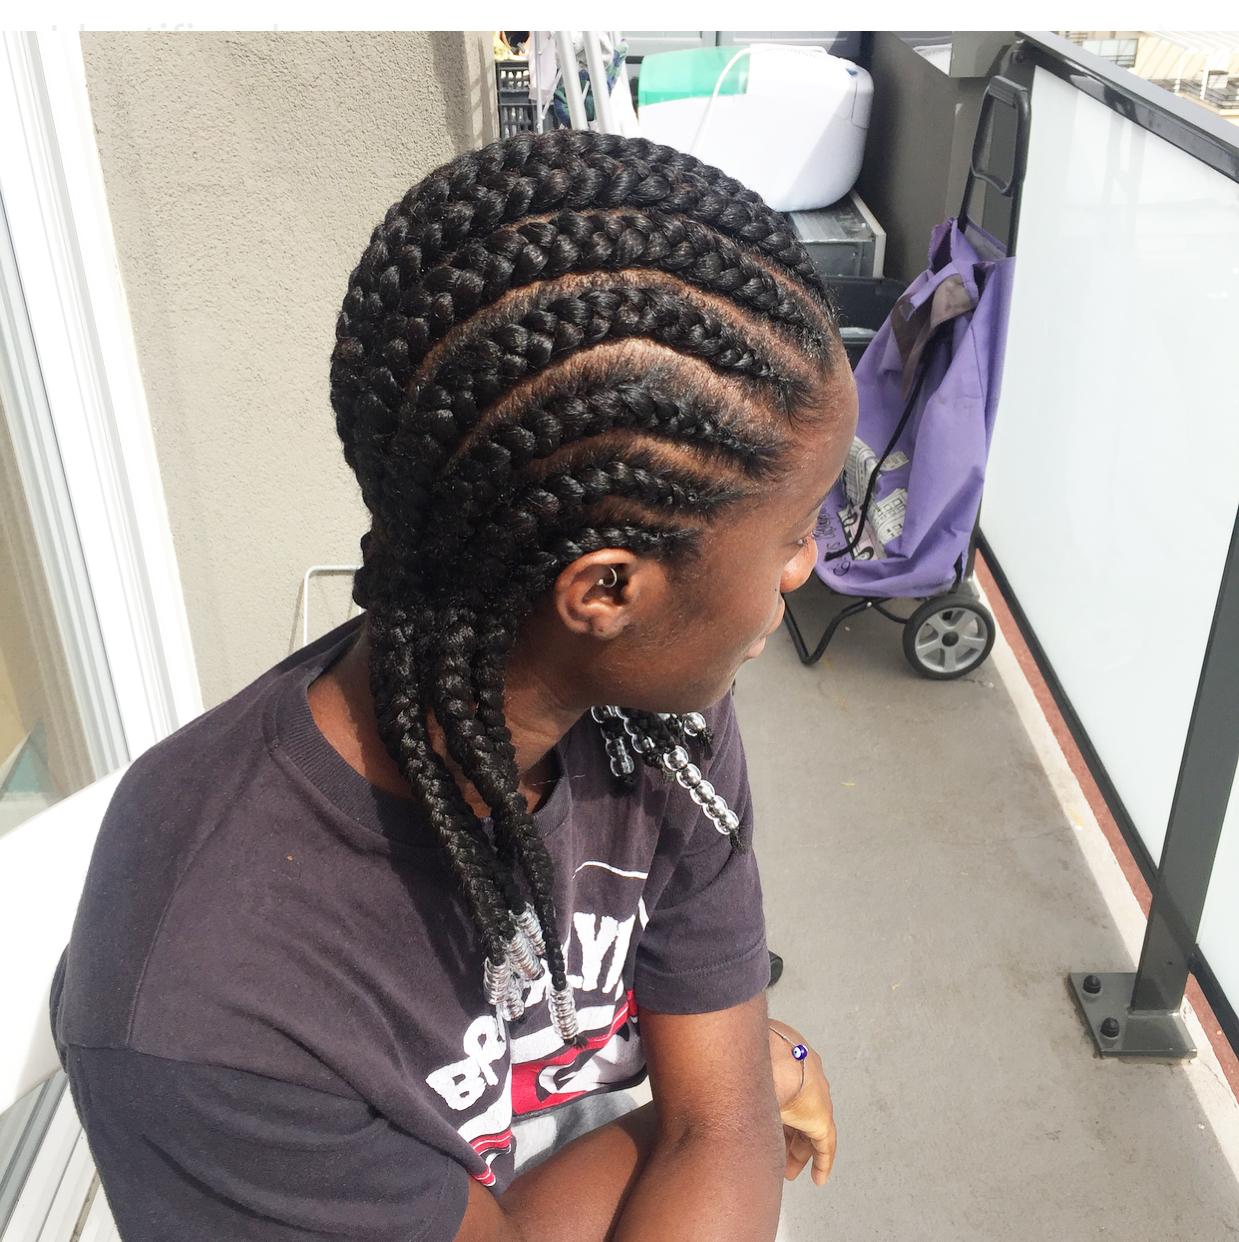 salon de coiffure afro tresse tresses box braids crochet braids vanilles tissages paris 75 77 78 91 92 93 94 95 OXQYDKRR